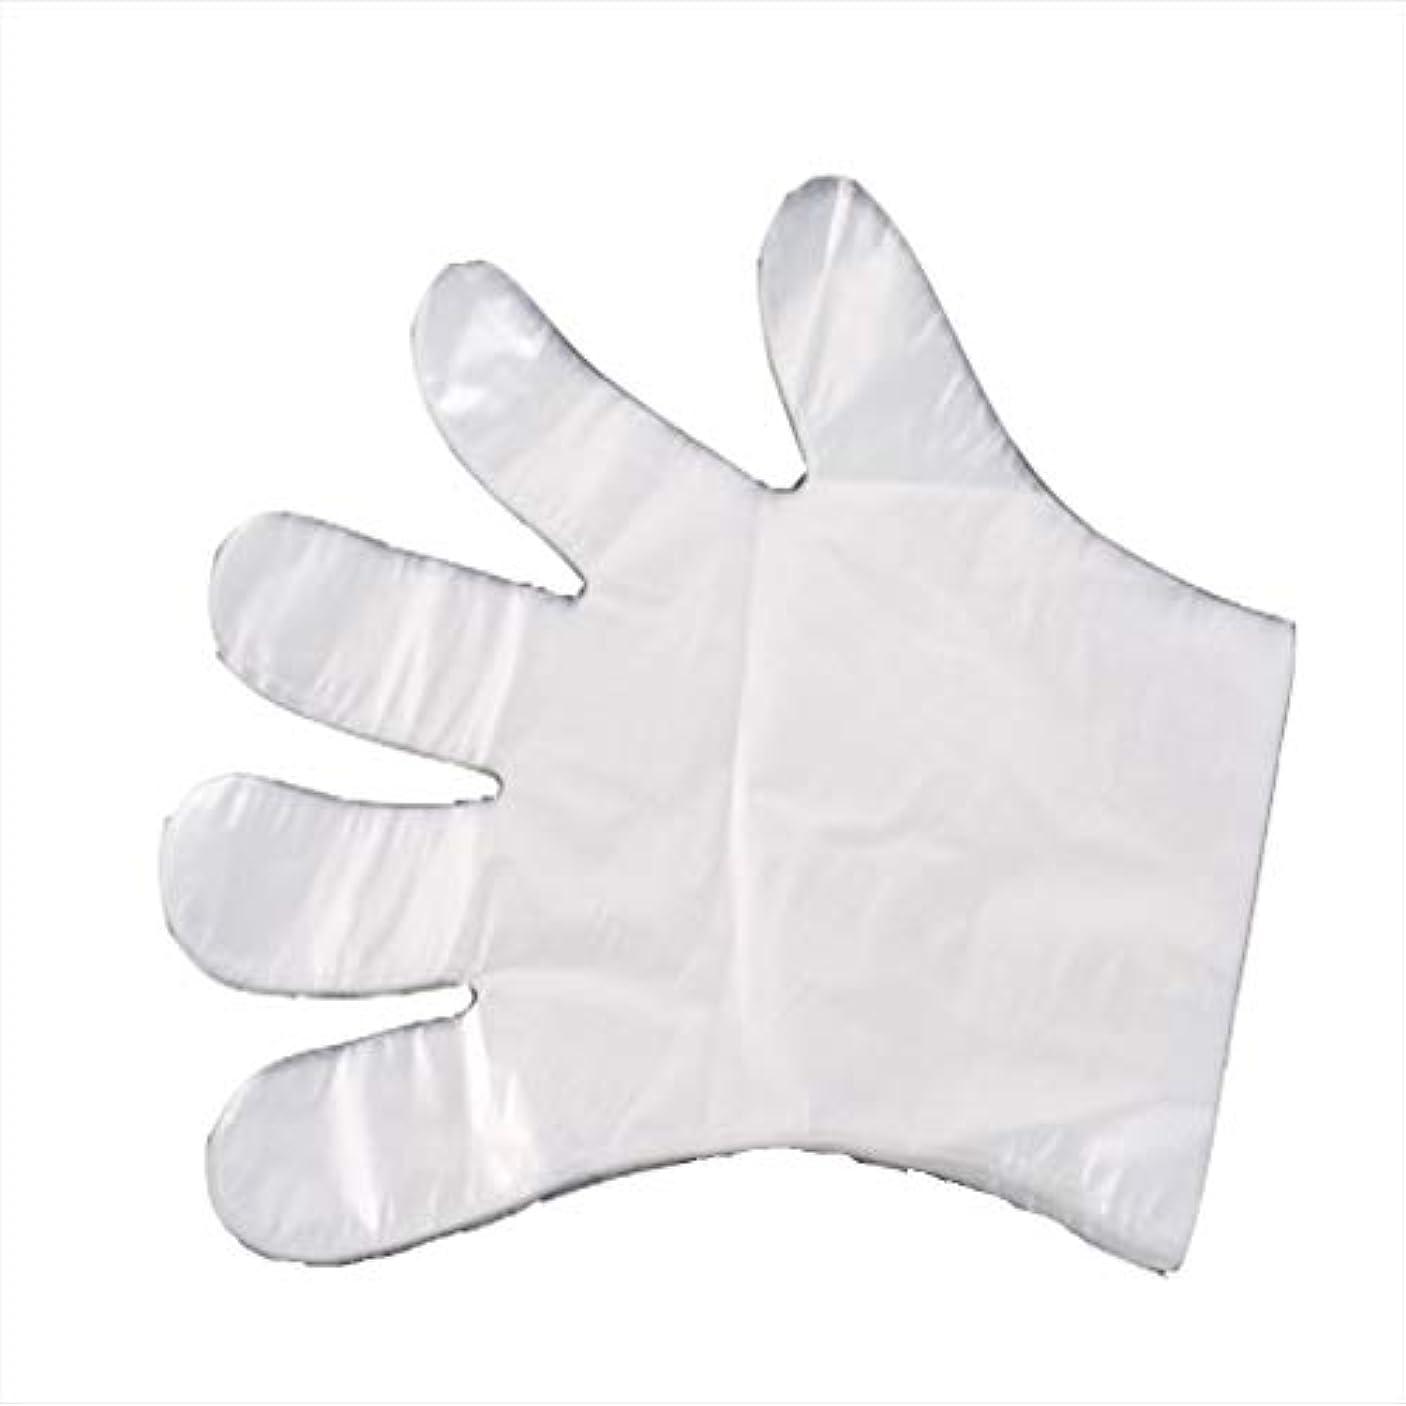 アルコーブ遅いバックグラウンド手袋、使い捨て手袋、食事、ヘアケア、肥厚、透明フィルム手袋、肥厚1000。